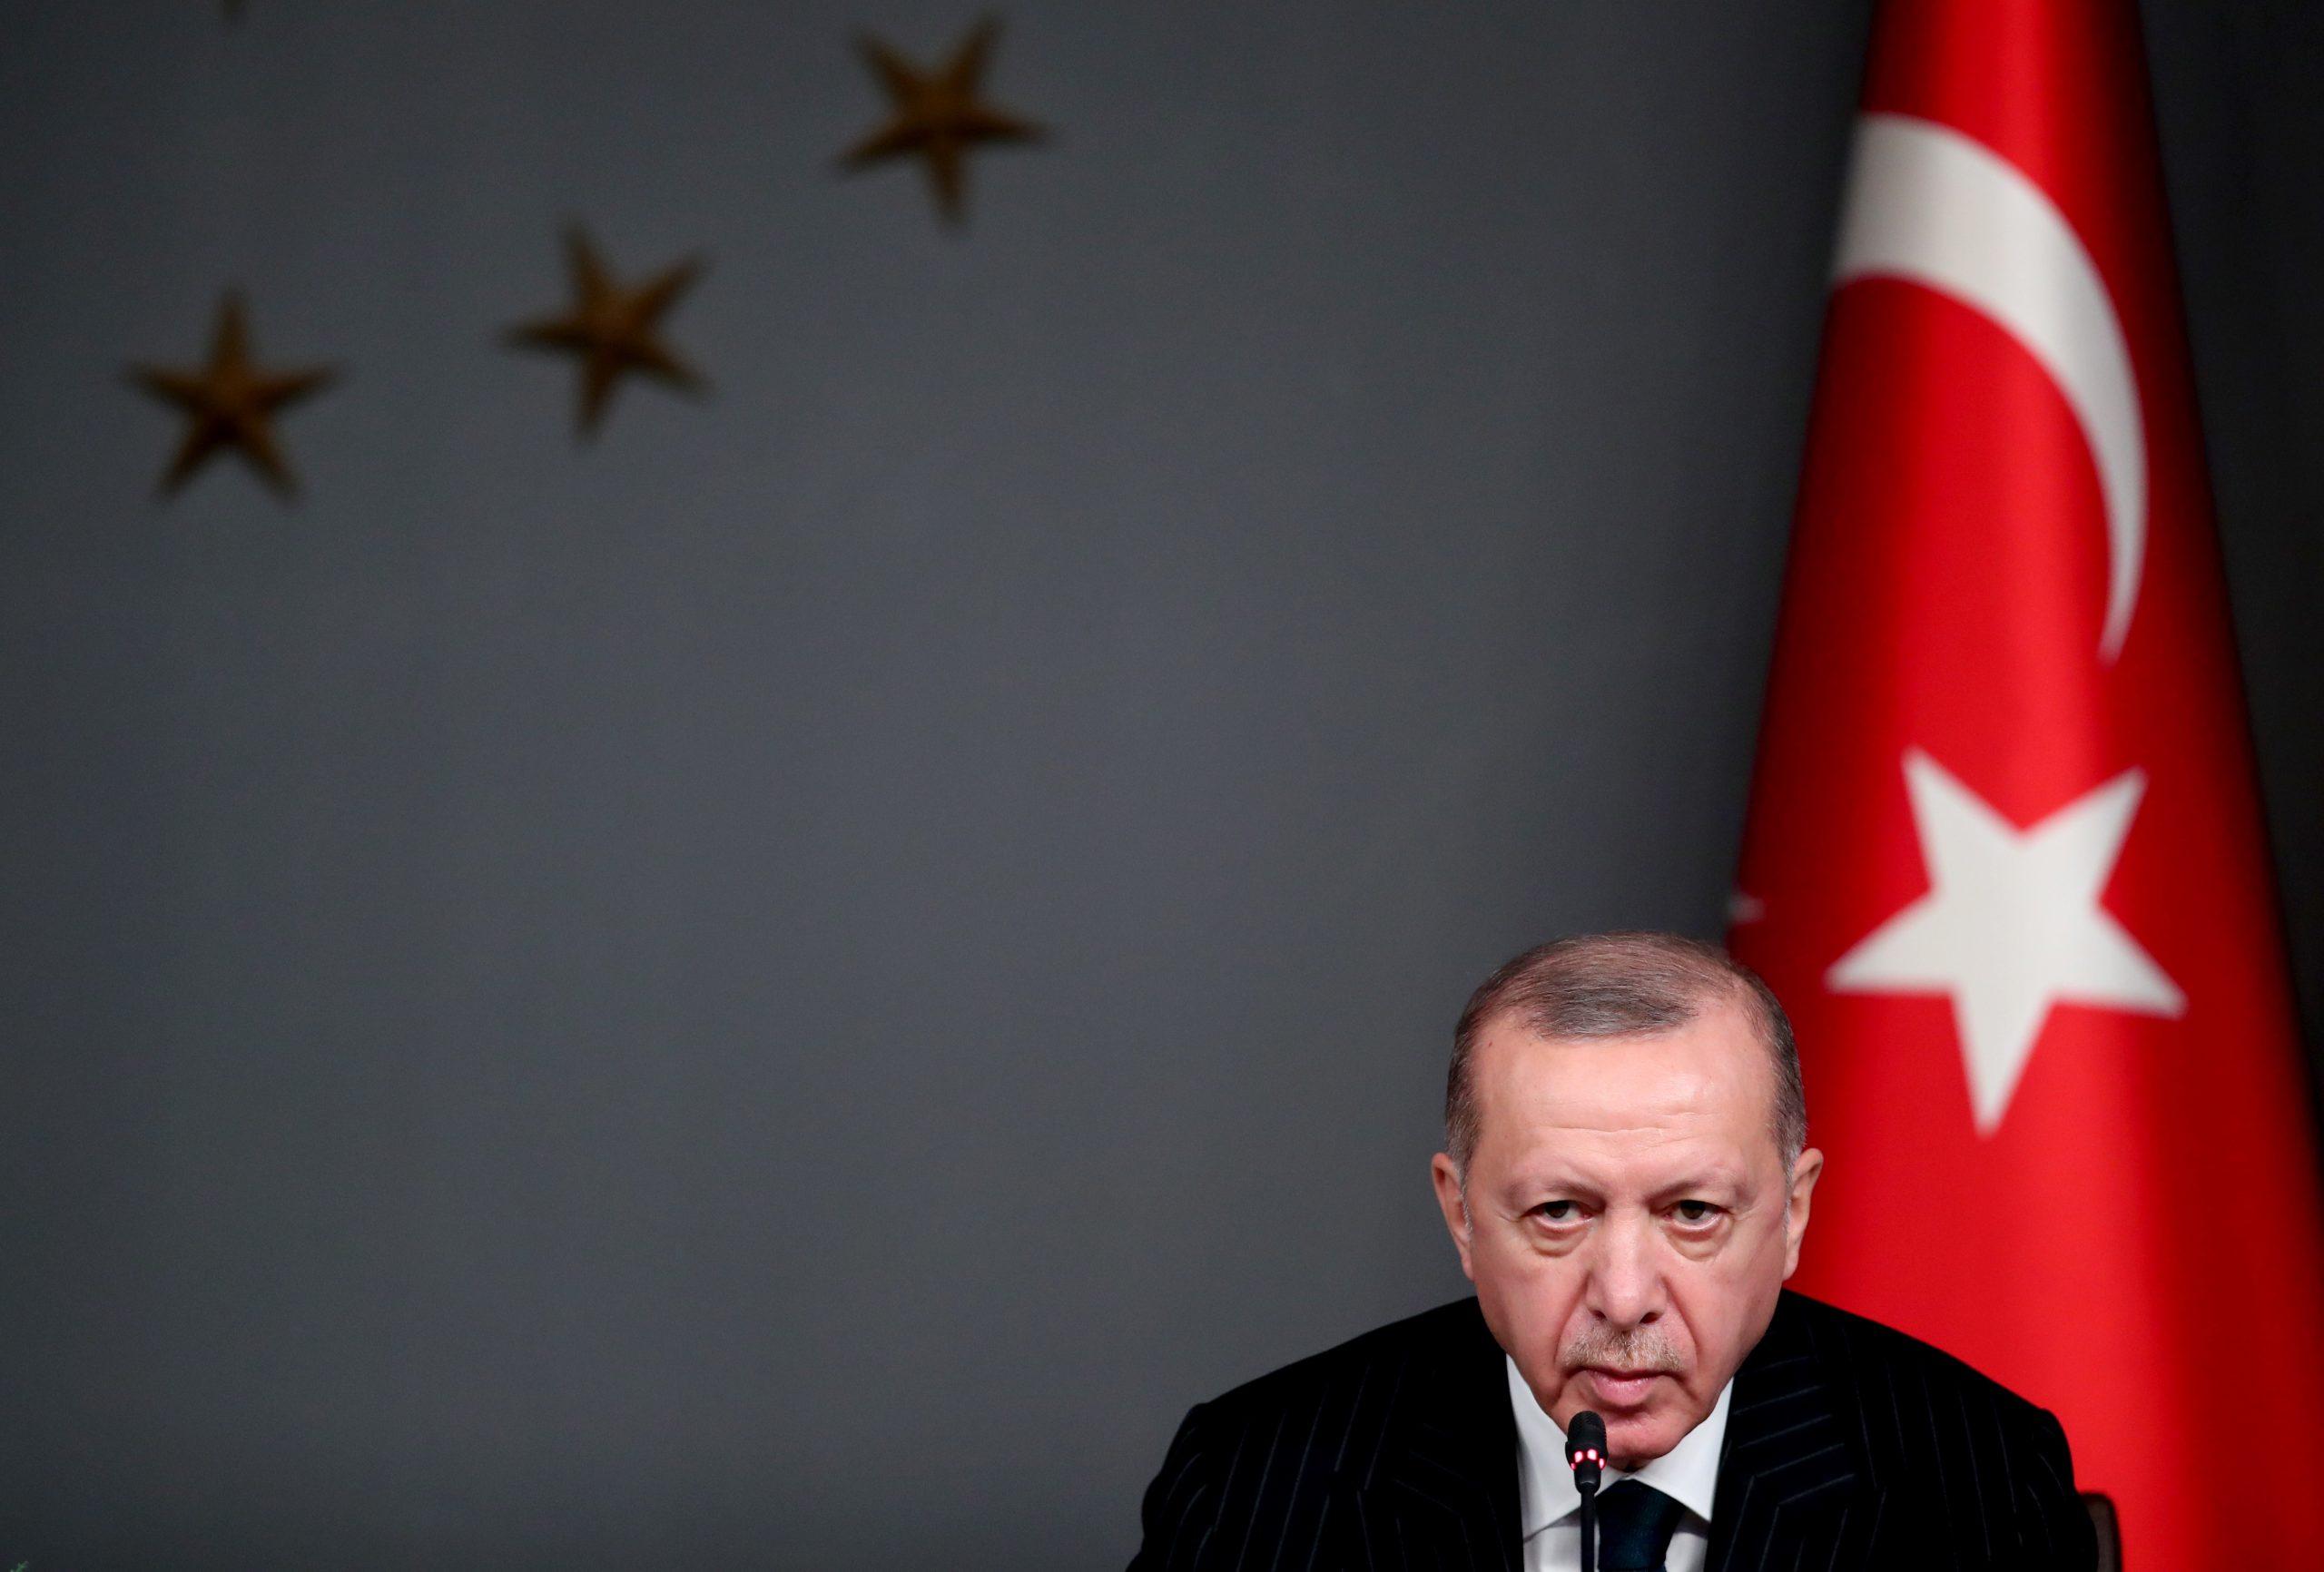 Motiv de război. Erdogan va turba de furie! Ridiculizat în Franța. Imagini explozive